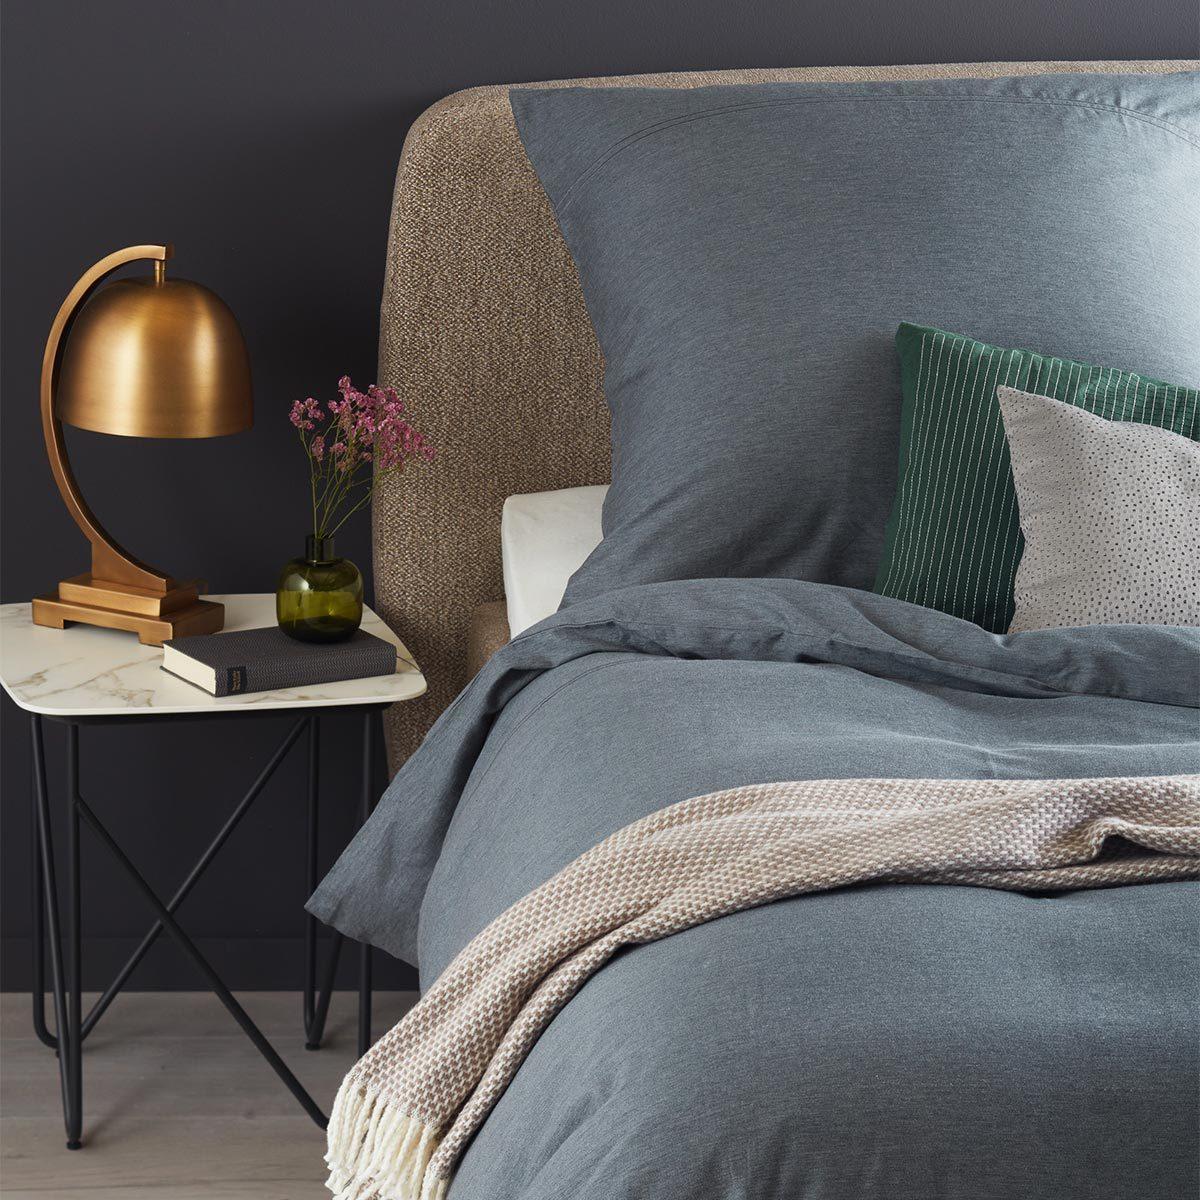 sch ner wohnen mako satin bettw sche brava anthrazit erfolgsteams frankfurt. Black Bedroom Furniture Sets. Home Design Ideas